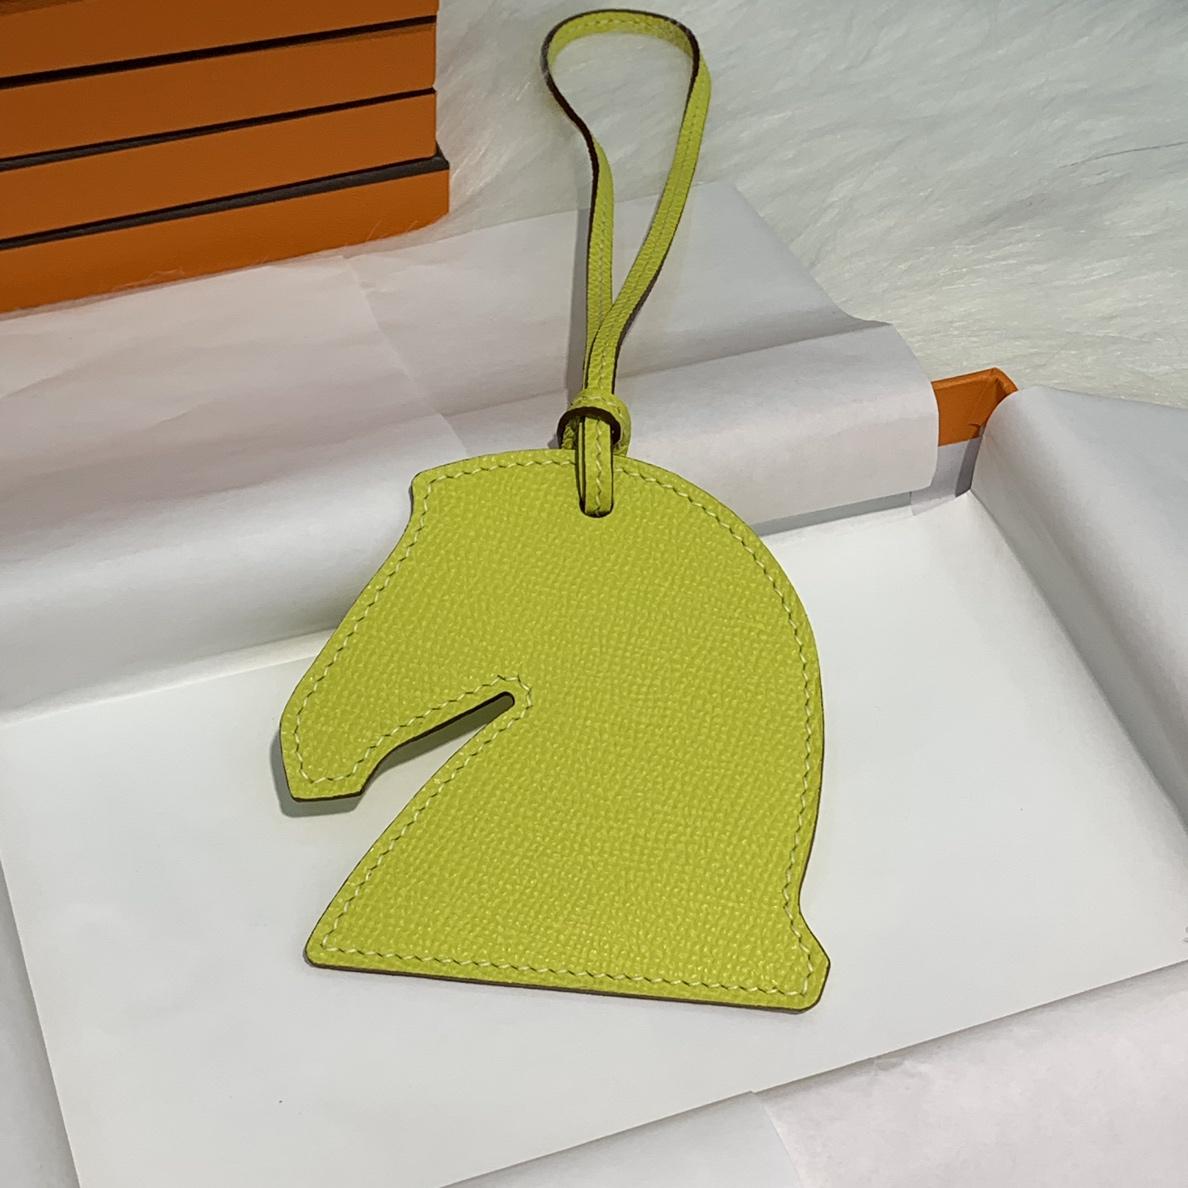 现货Hermes包包挂件 爱马仕原厂掌纹牛皮纯手工缝制马头挂件挂饰 多色